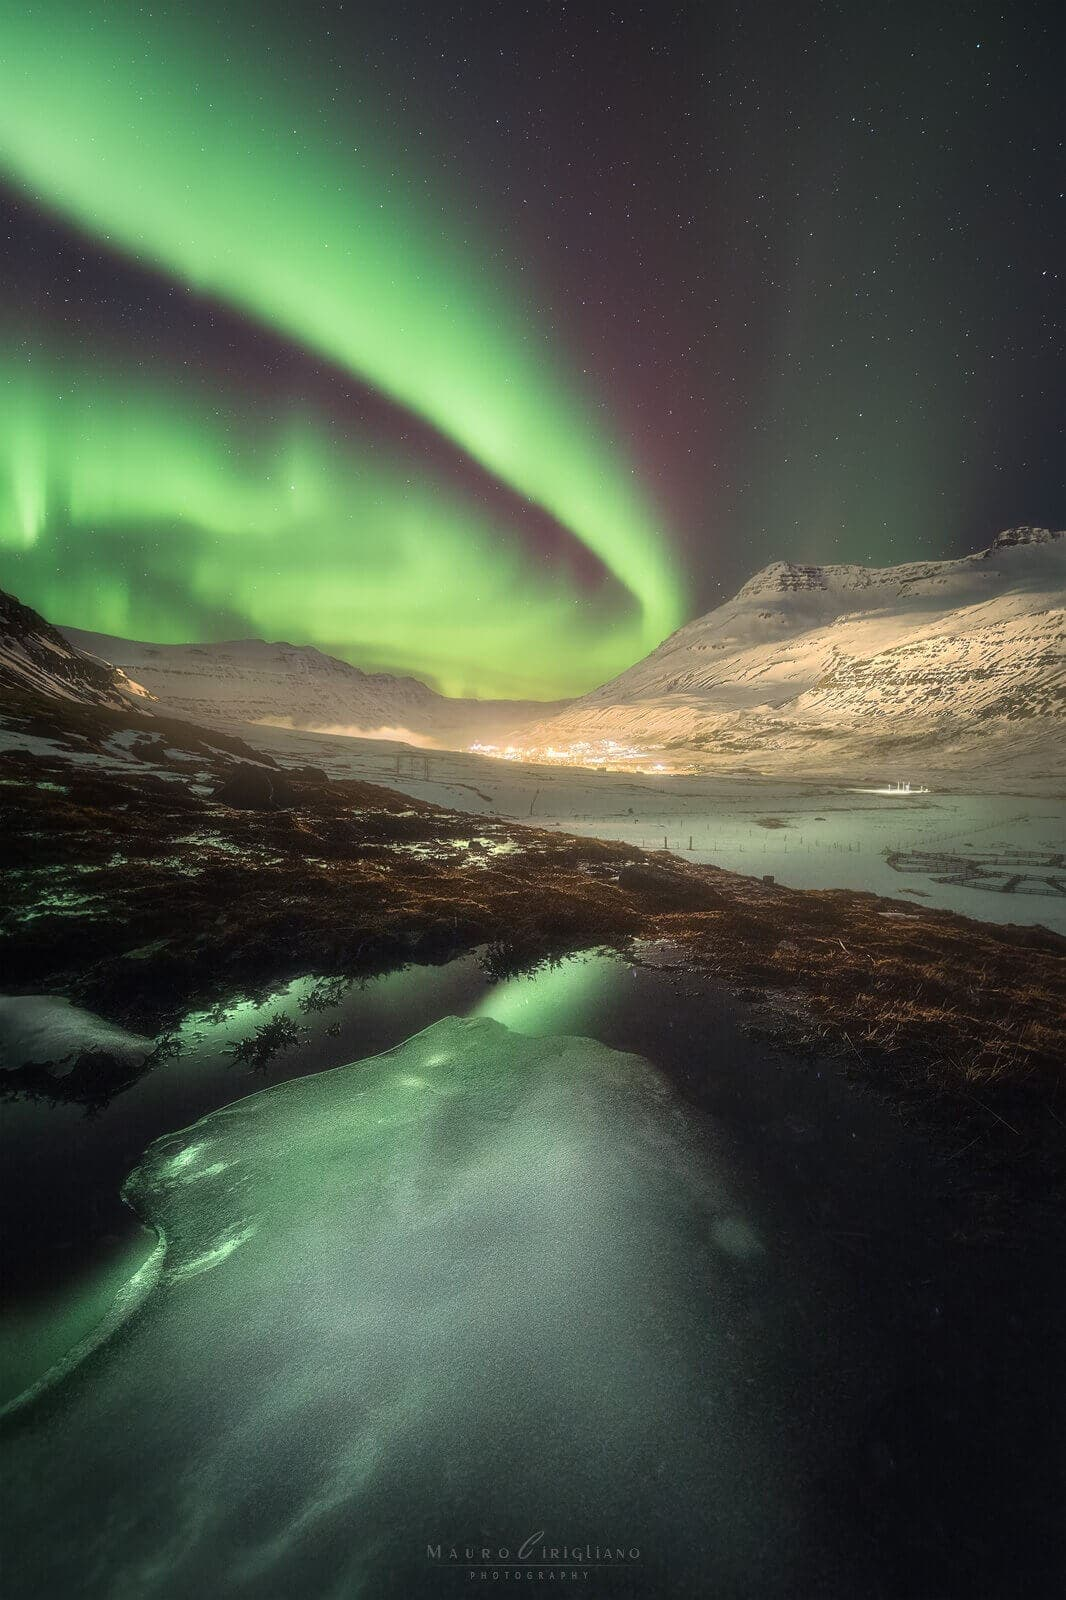 luci di un paesino con aurora boreale